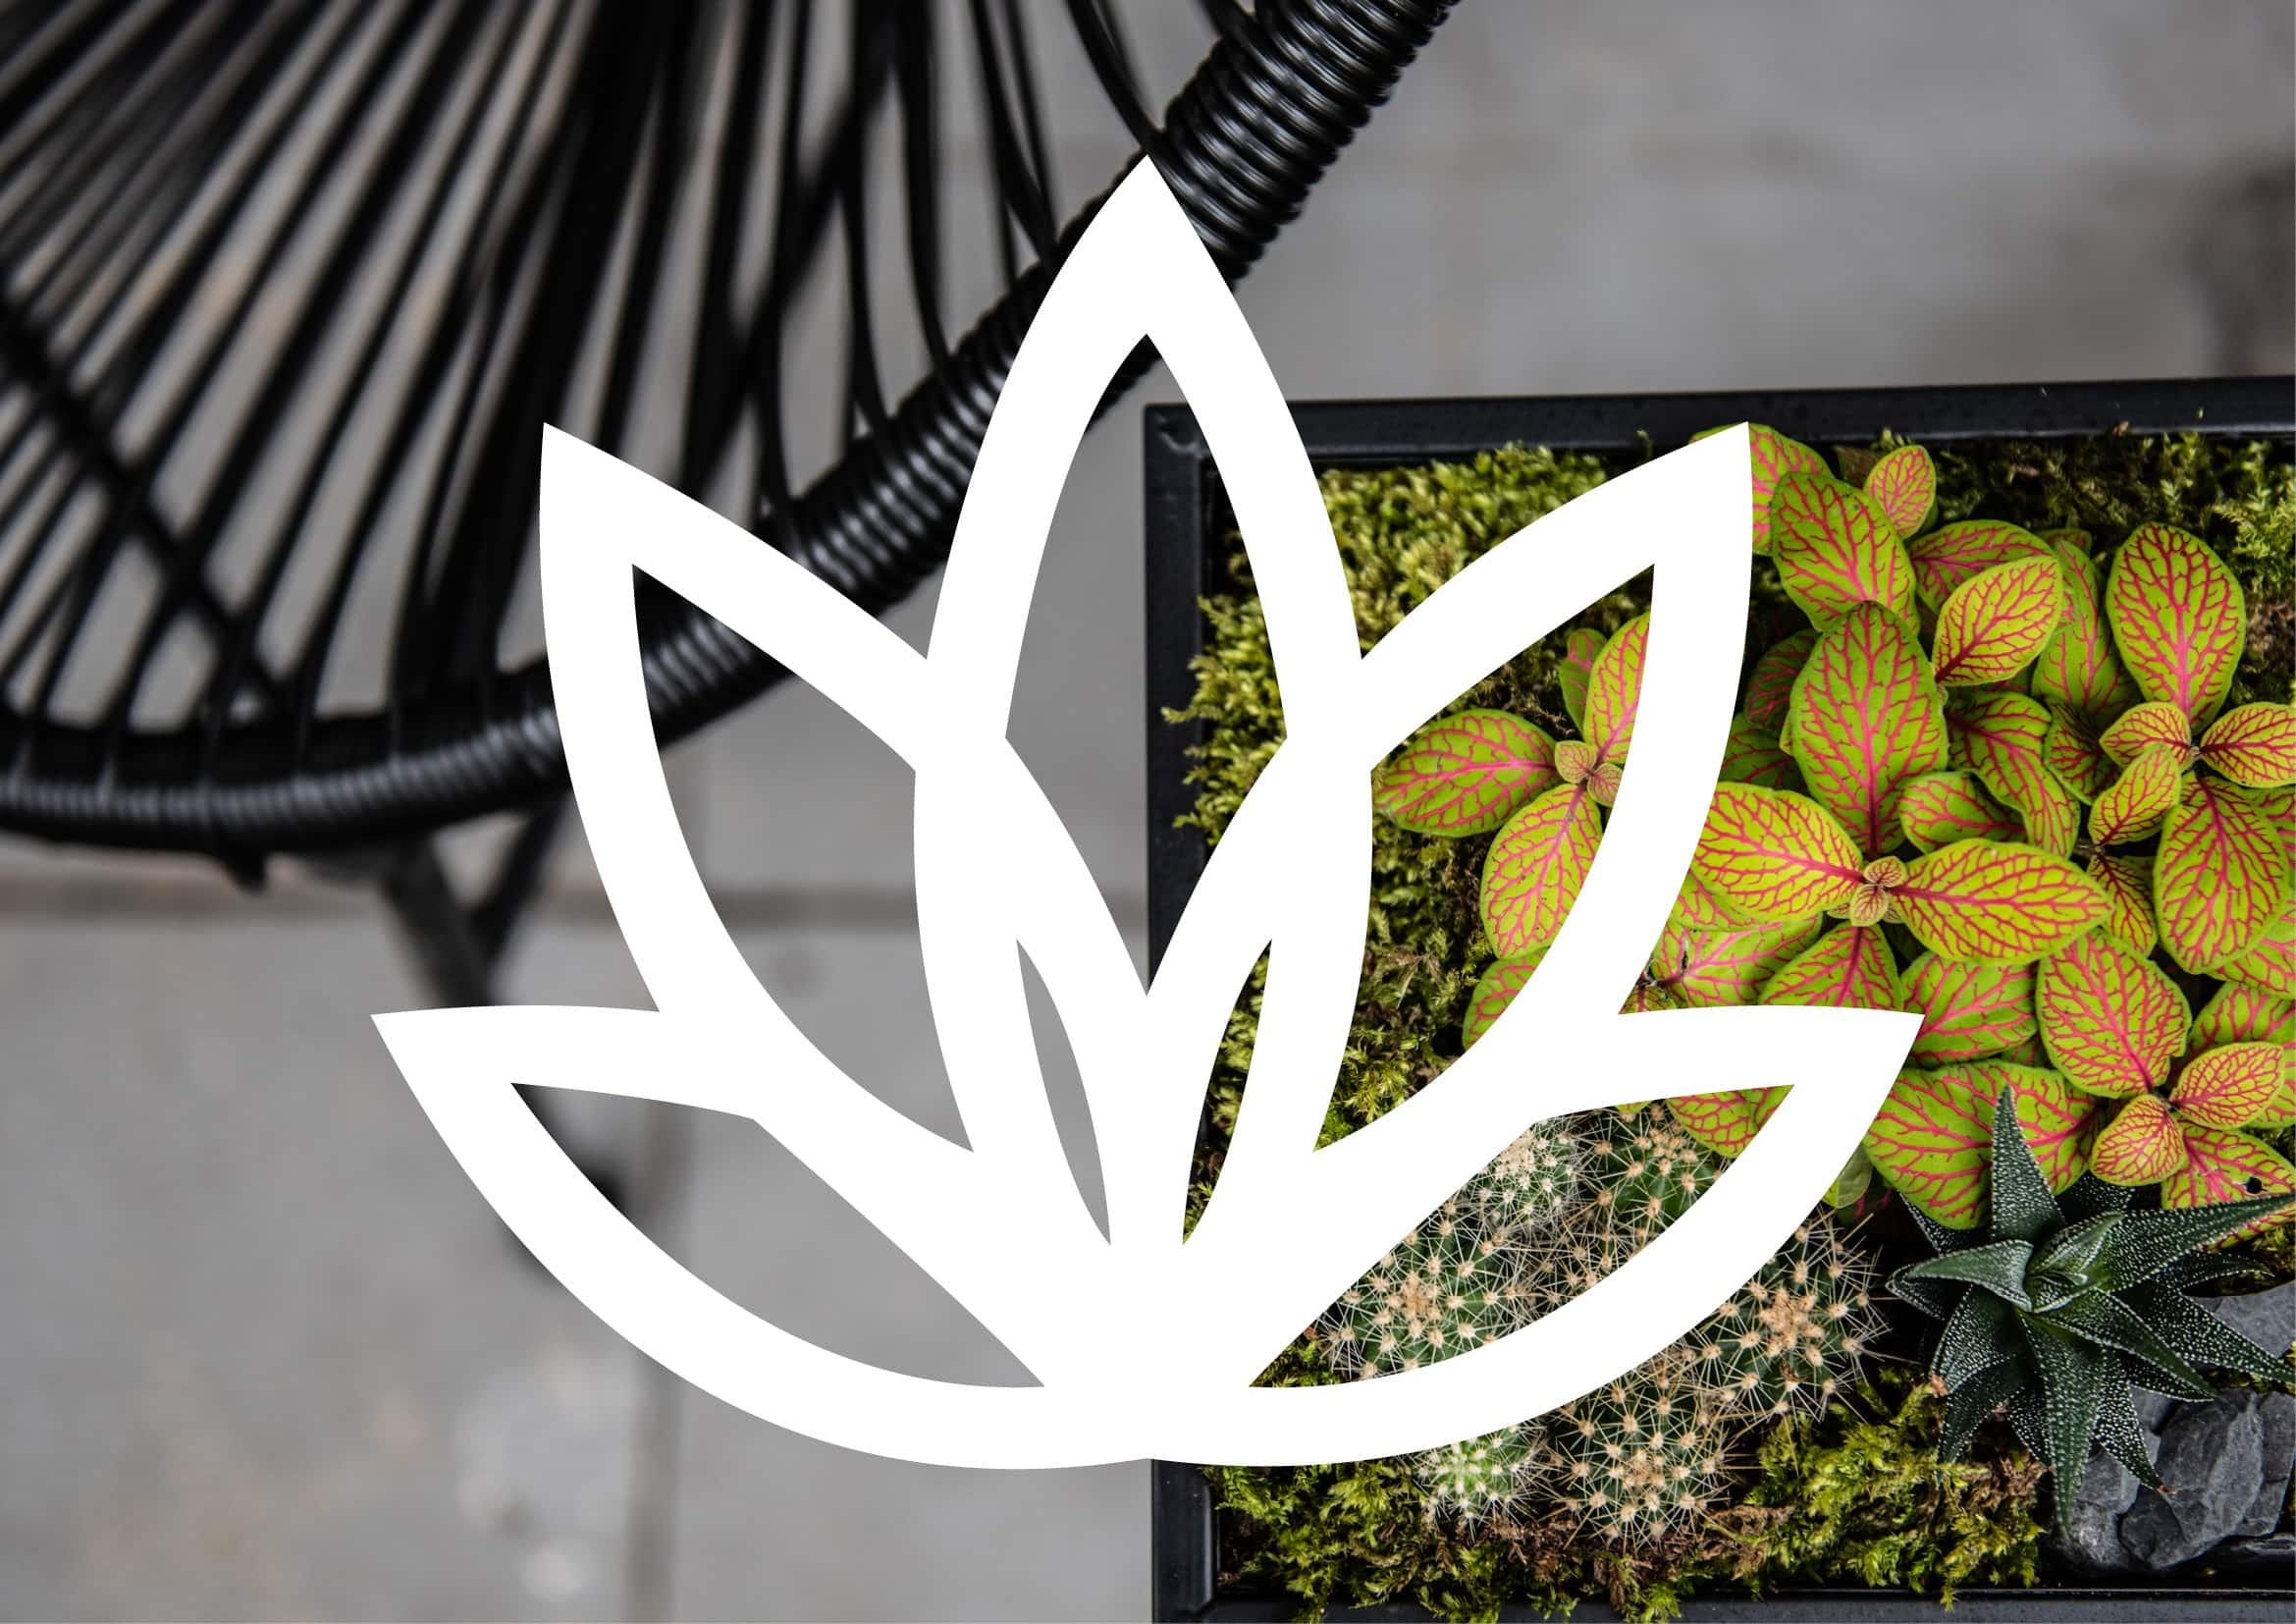 Logoentwicklung für nachhaltige und kreative Pflanzen Dekoration: Bildmarke Stachelblatt